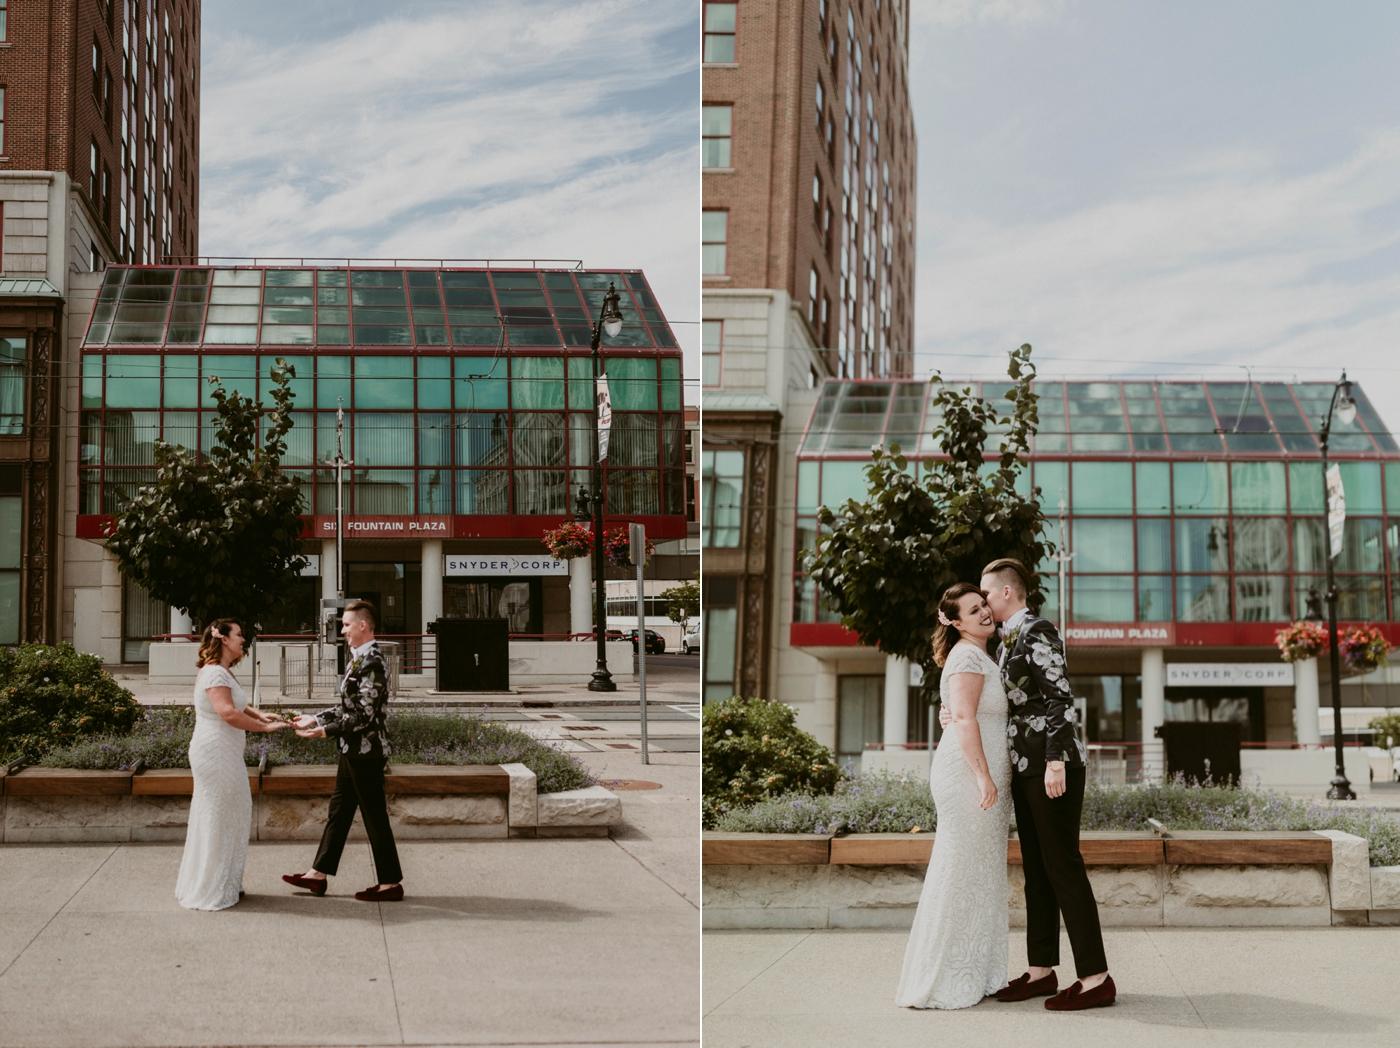 Buffalo-Wedding-Babeville-NY-Courtney+Liz_MJPHOTO-110.jpg